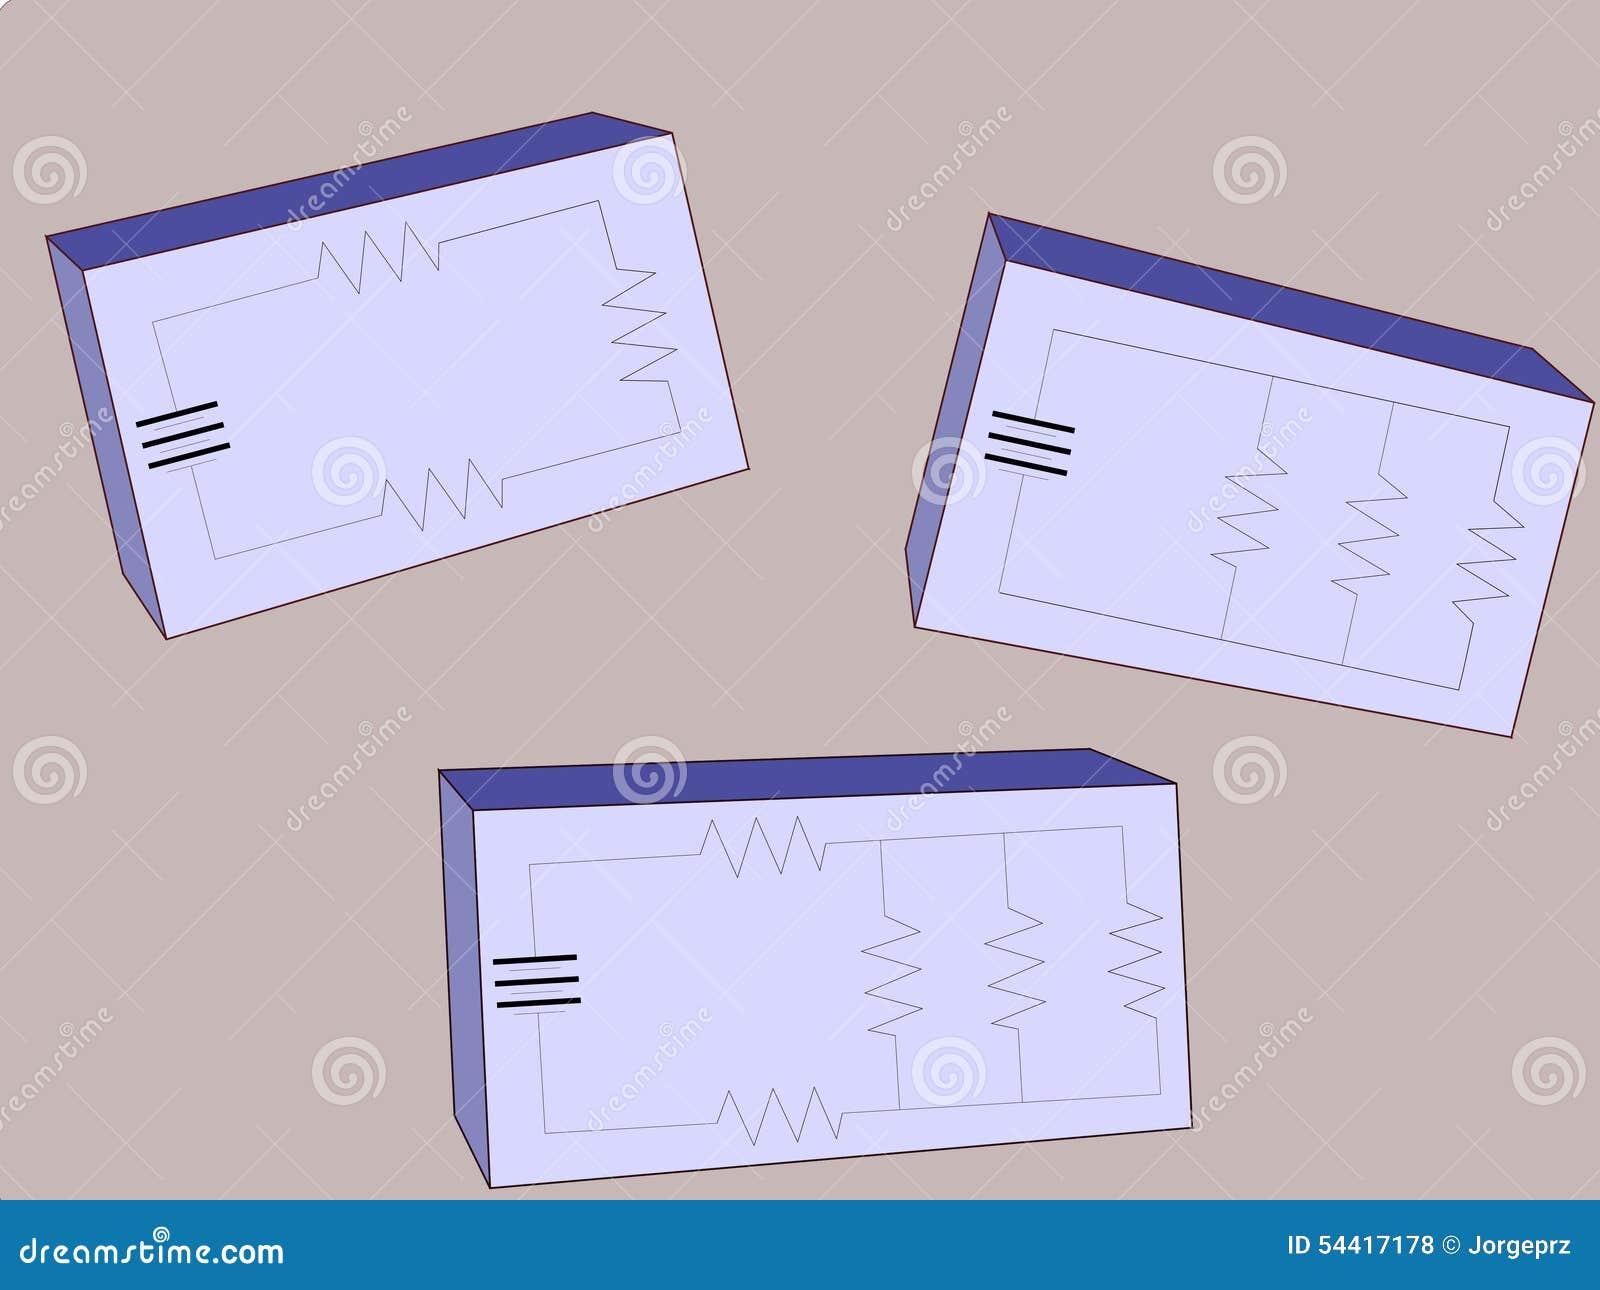 Circuito En Paralelo Ejemplos : Circuitos resistentes ilustración del vector. ilustración de each